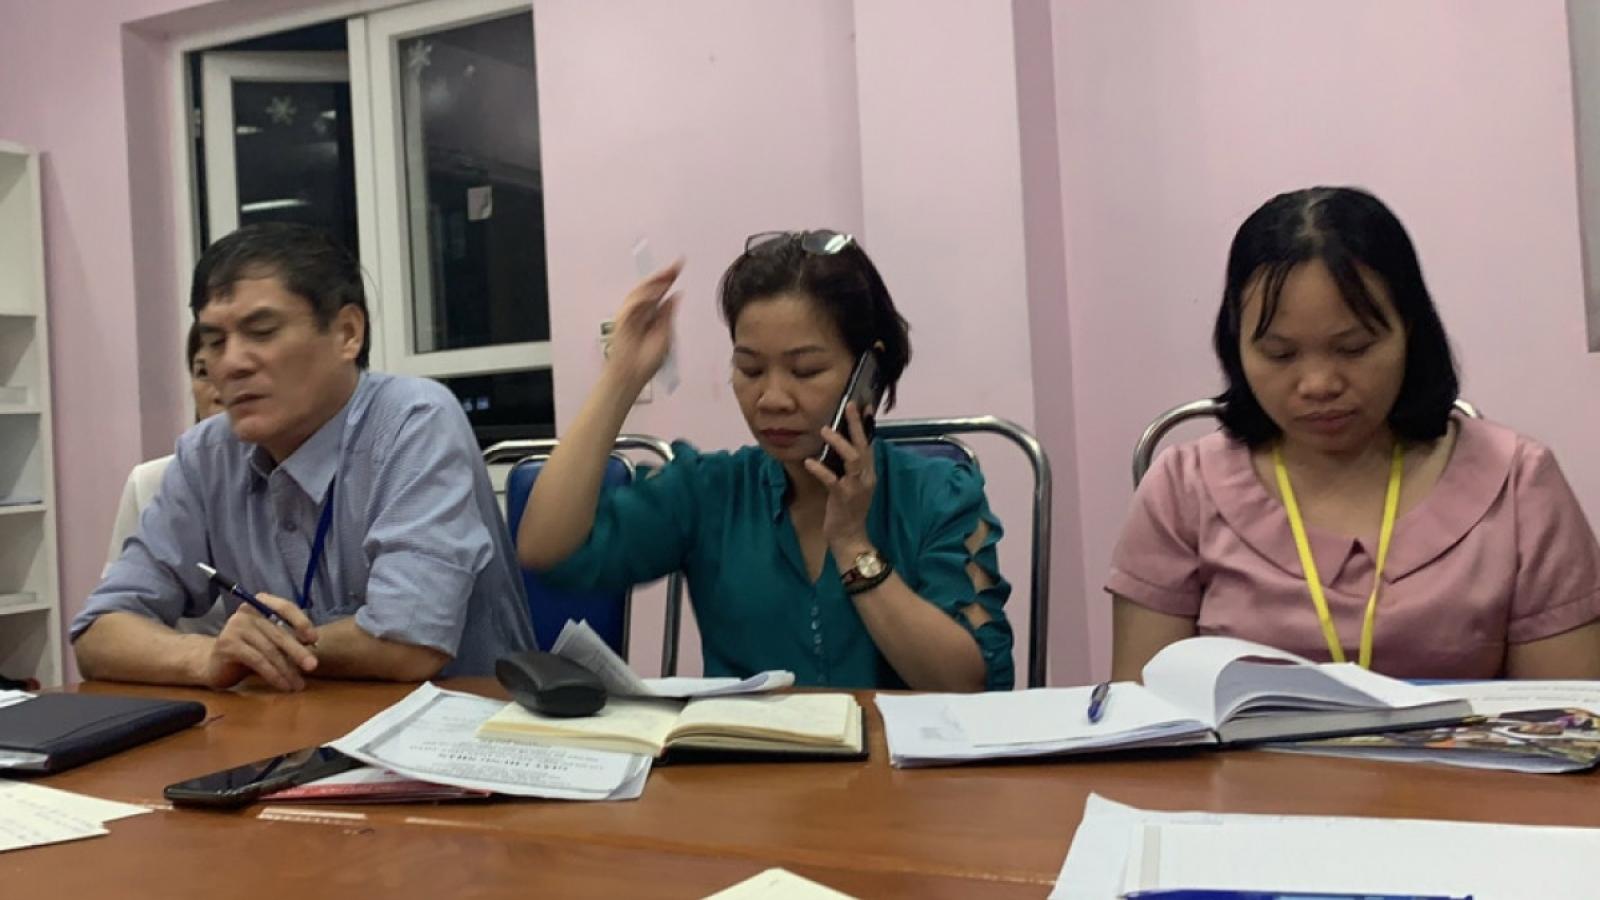 Vụ nghi ngộ độc tại 2 trường học ở Hà Nội: Sức khỏe học sinh đã ổn định